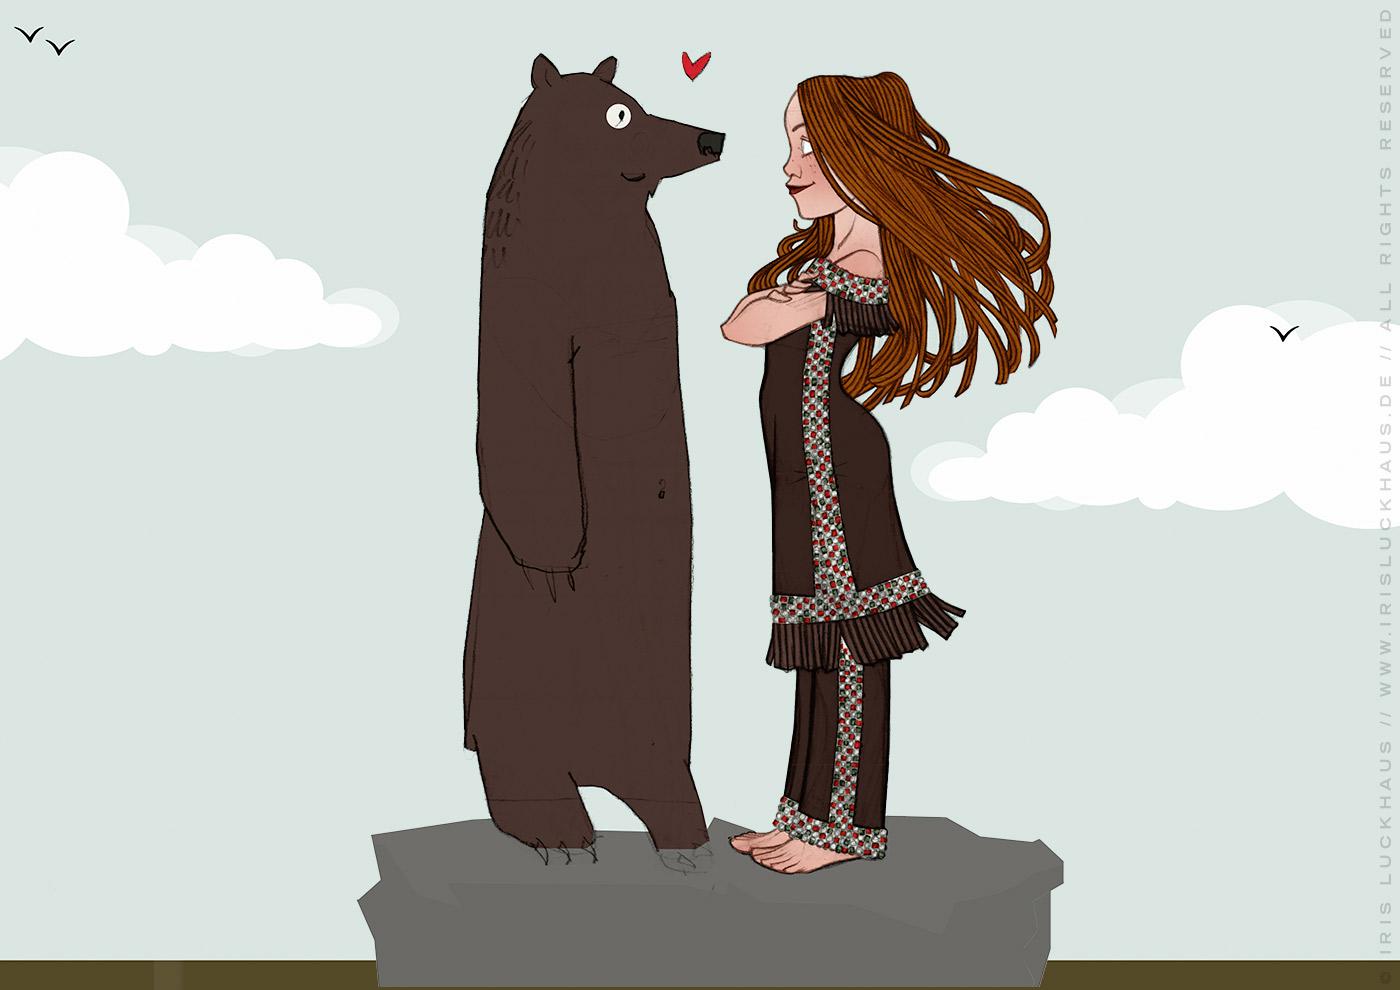 Zeichnung von Lily Lux als Indianer-Squaw Nschotschi, die Schwester Winnetous, mit einem Grizzly Bär im wilden Westen